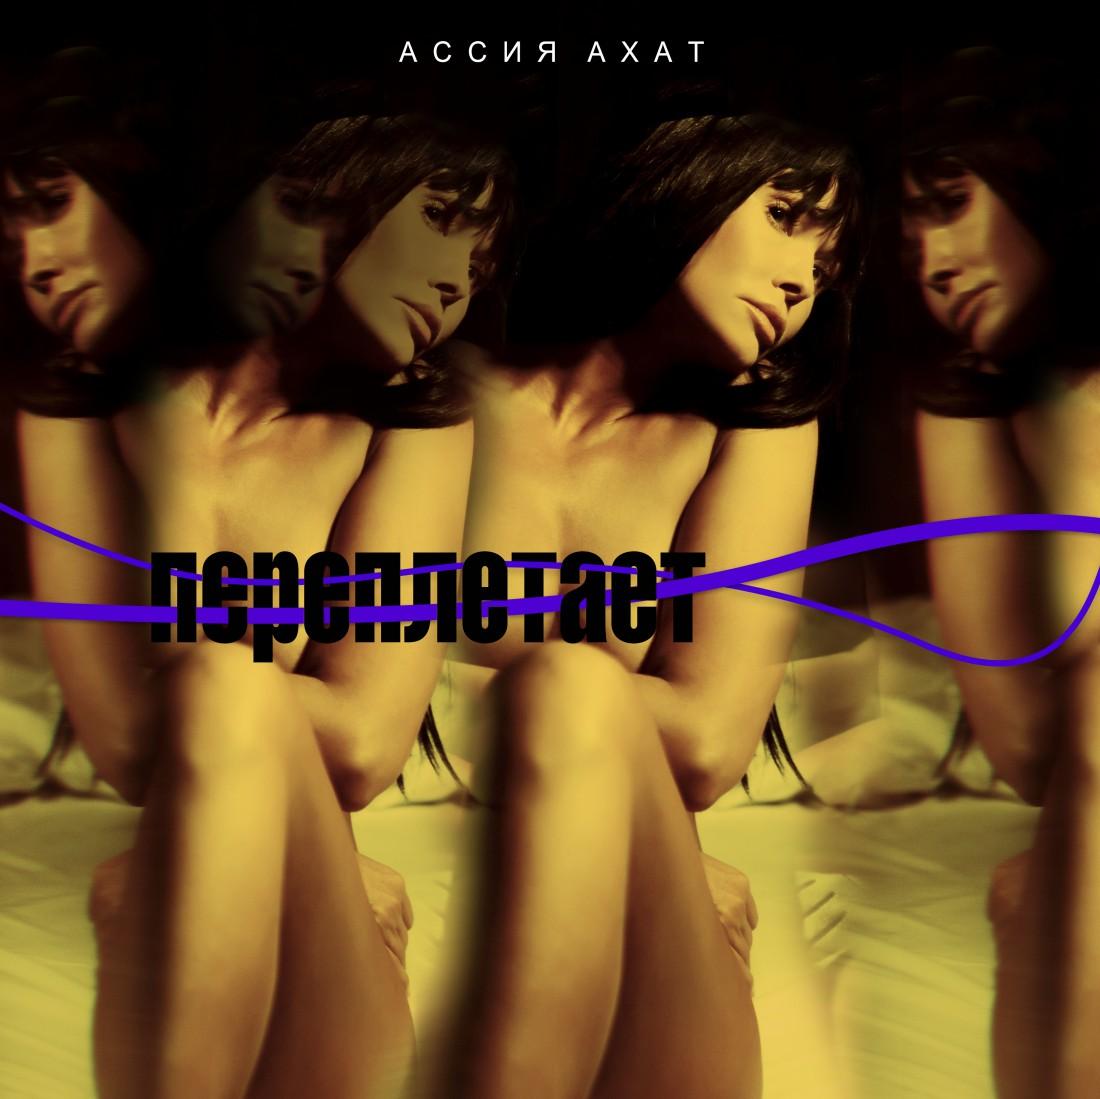 Обложка трека Переплетает Ассии Ахат